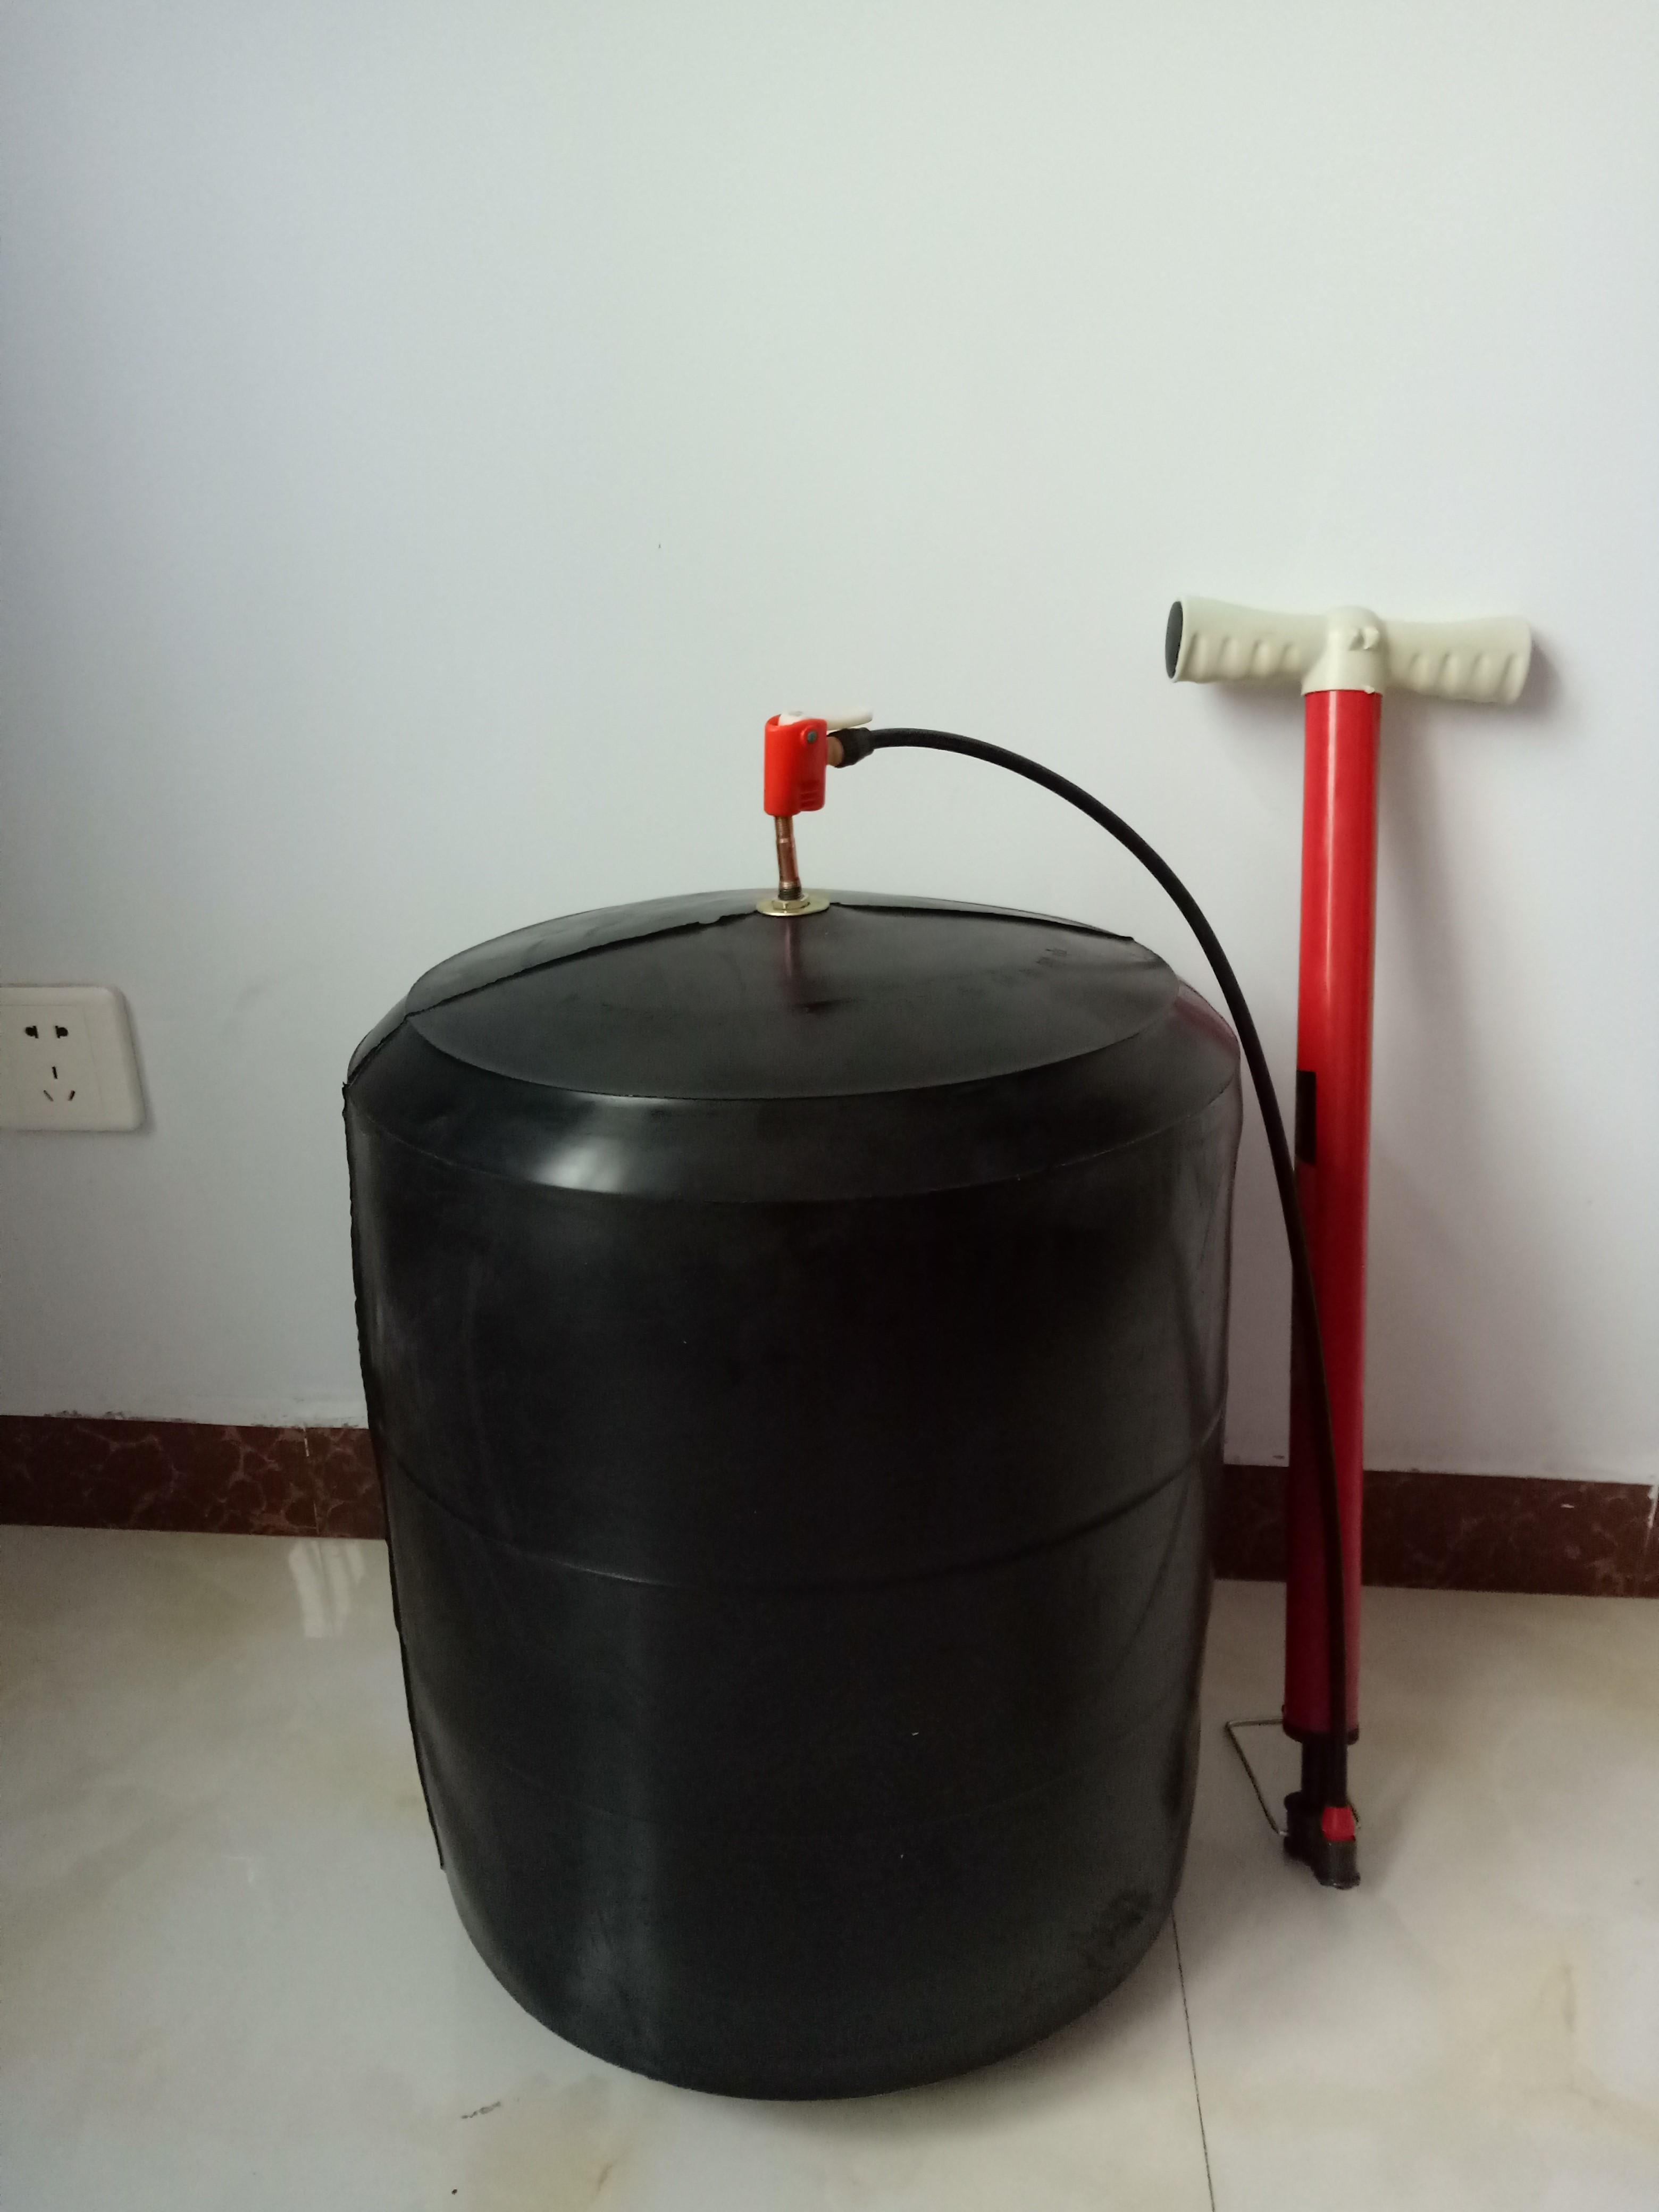 дренажный трубопровод питательной воды 300 испытательное давление воды желчный надувной резиновый мяч шкуры отключение воды заблокированы пробка подушки безопасности